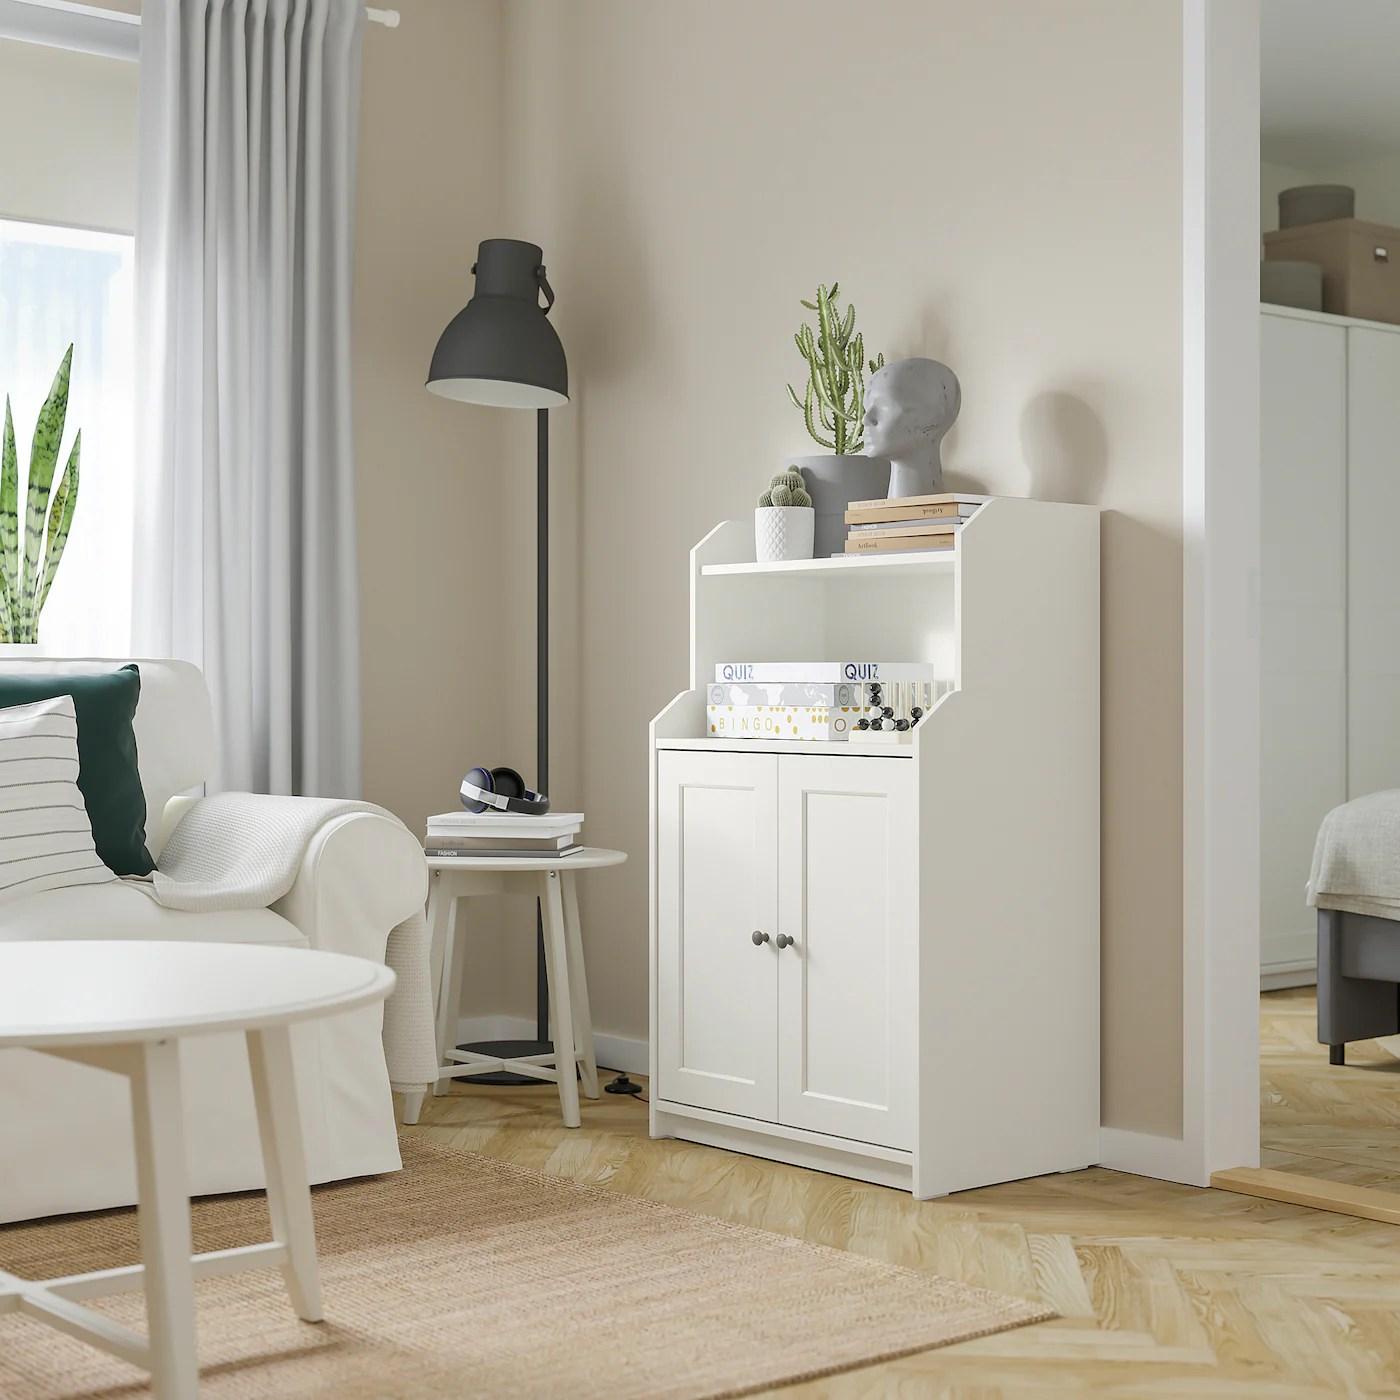 Brimnes combinazione tv ante a vetro bianco foto ikea   composizione mobili da soggiorno brimnes. Mobili Soggiorno Ikea It